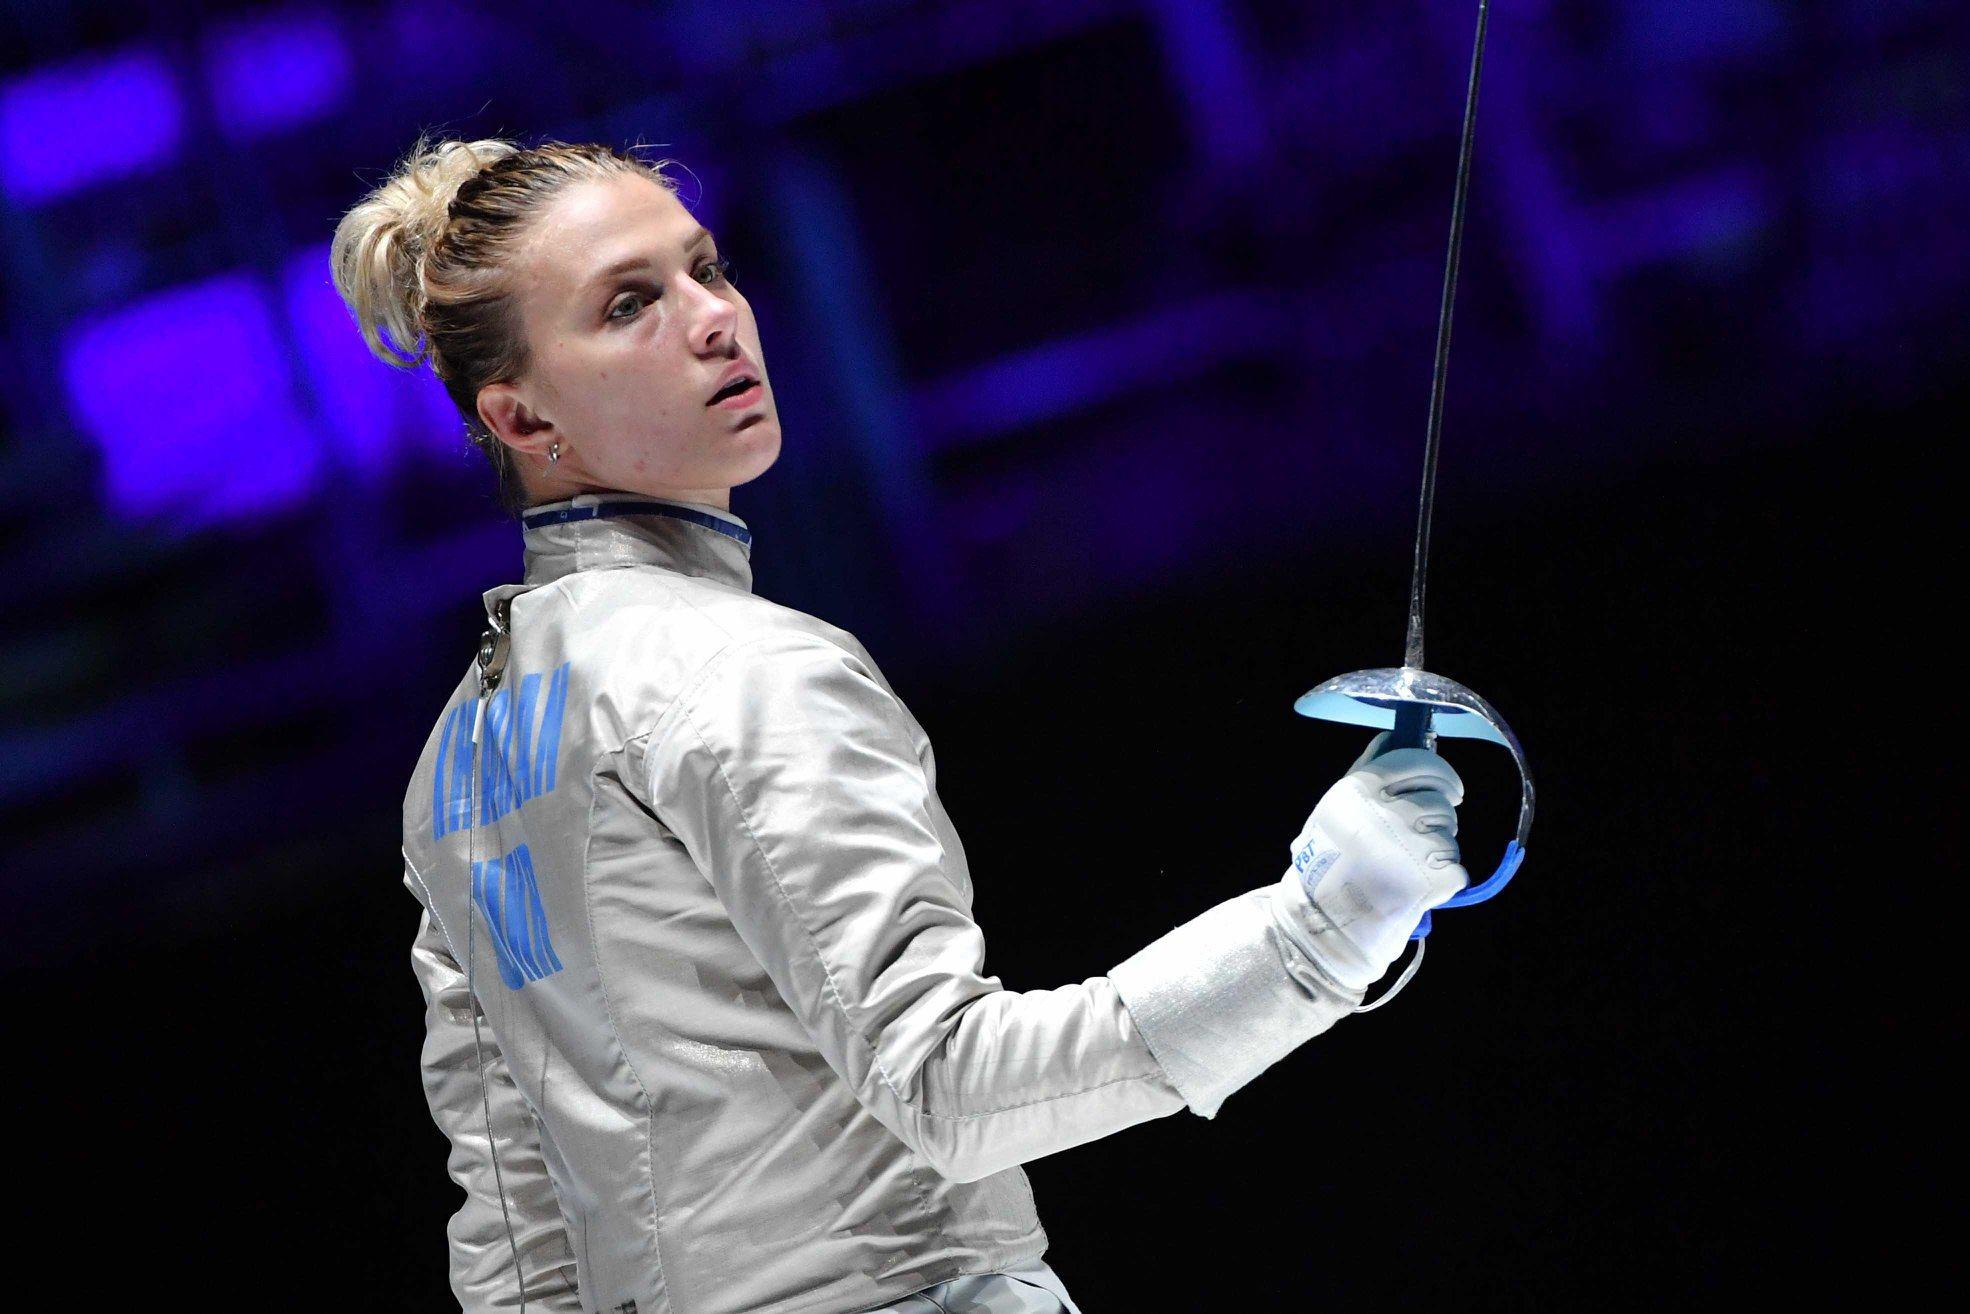 У фіналі в напруженій боротьбі вона перемогла представницю Росії і здобула сьому особисту нагороду чемпіонату світу з фехтування.